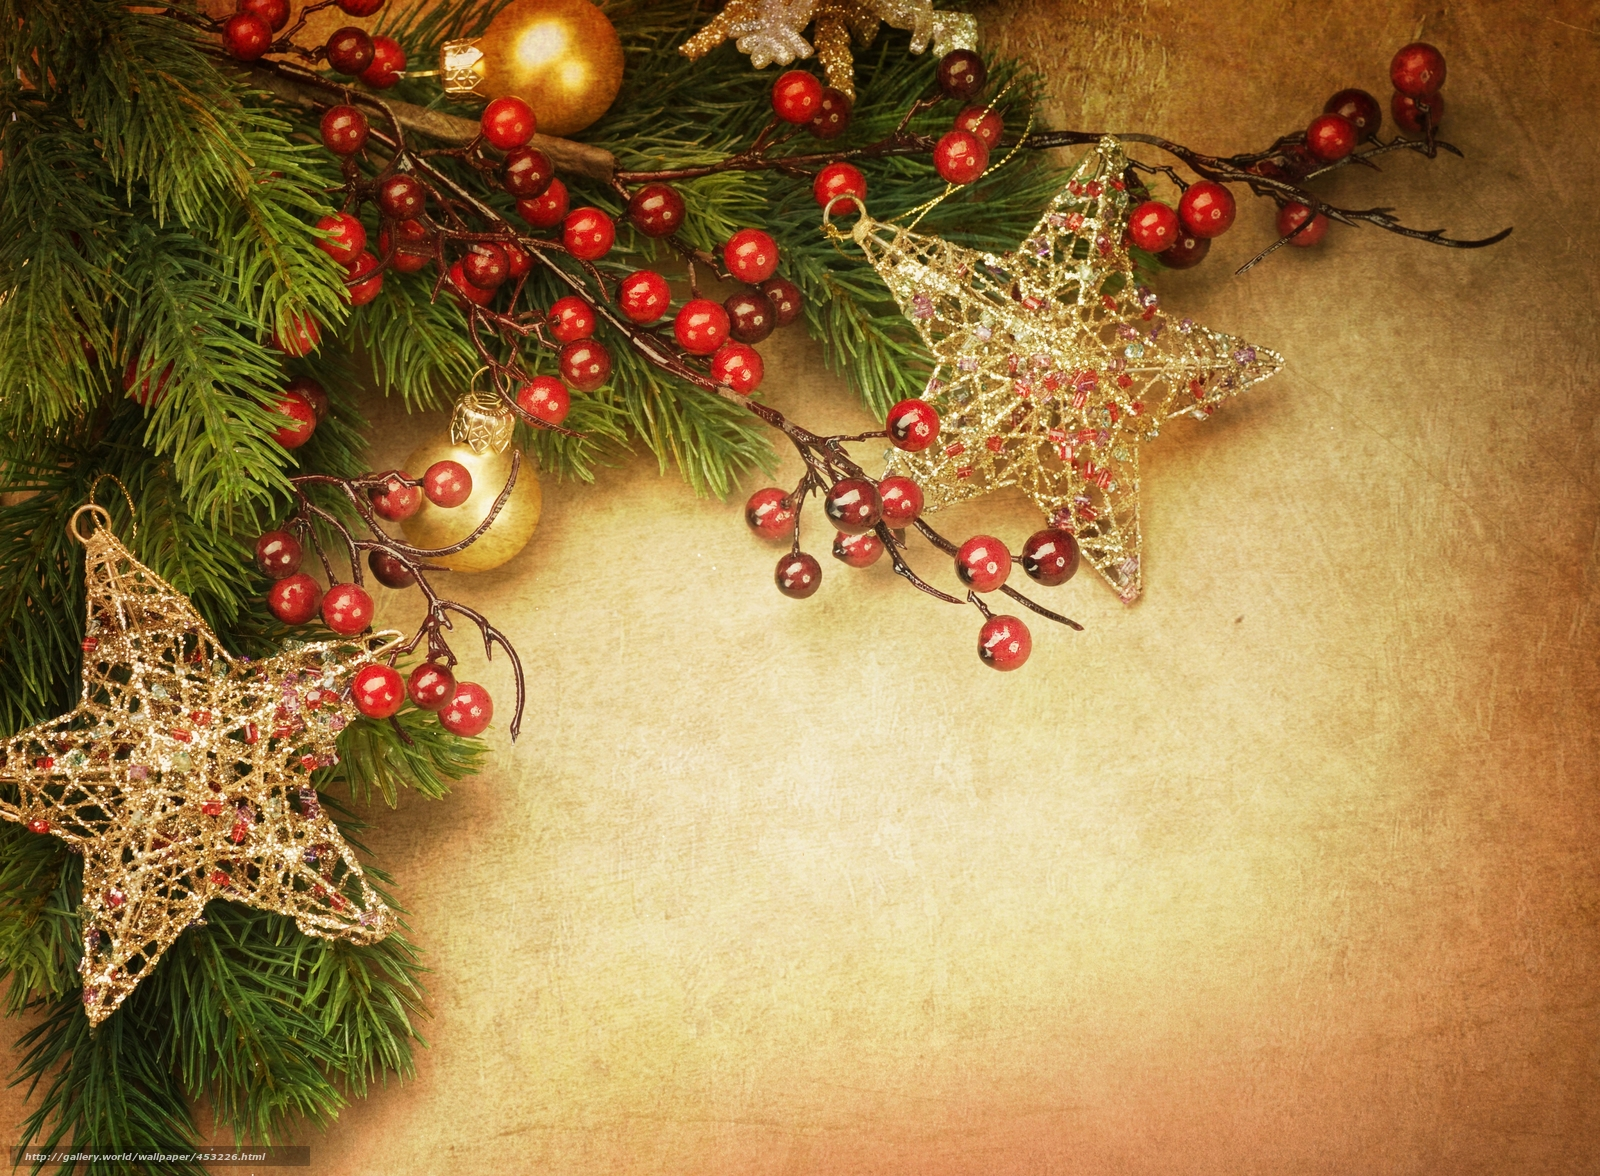 Sfondi Natalizi Oro.Scaricare Gli Sfondi Stella Annata Oro Natale Sfondi Gratis Per